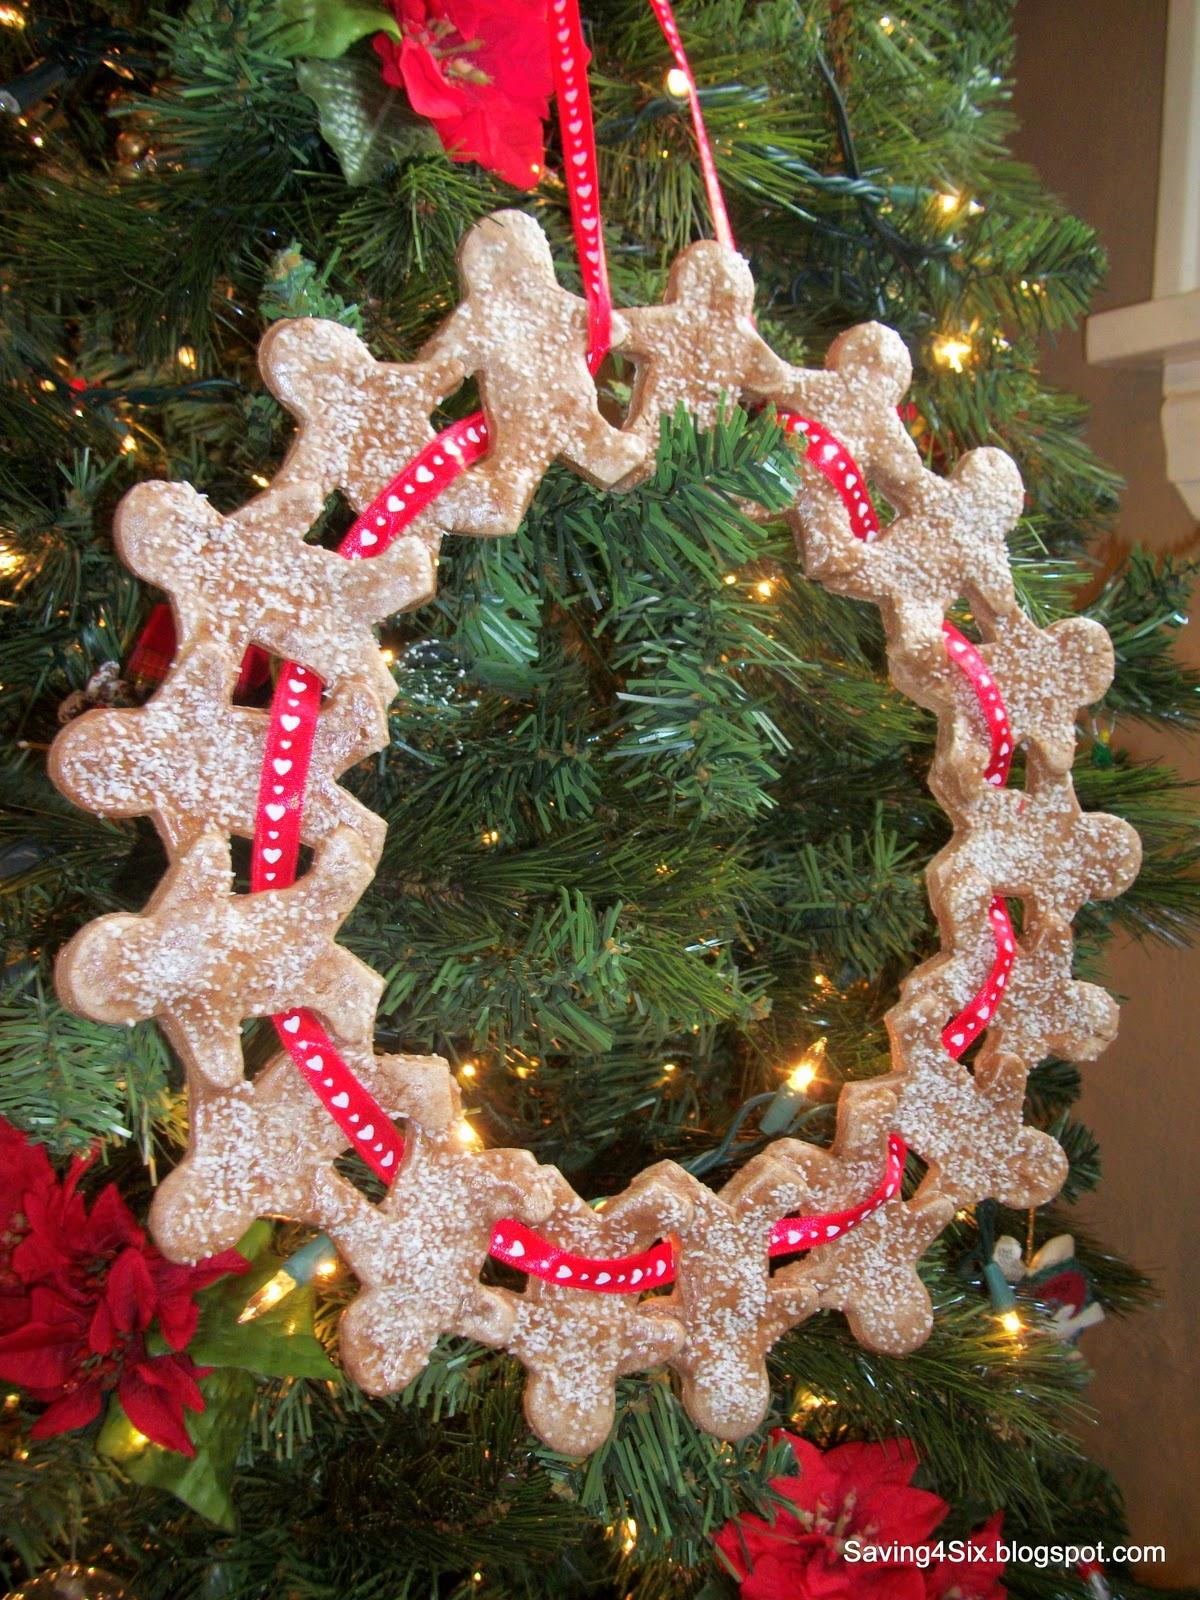 How To Make Sour Dough Christmas Decorations : Salt dough wreath